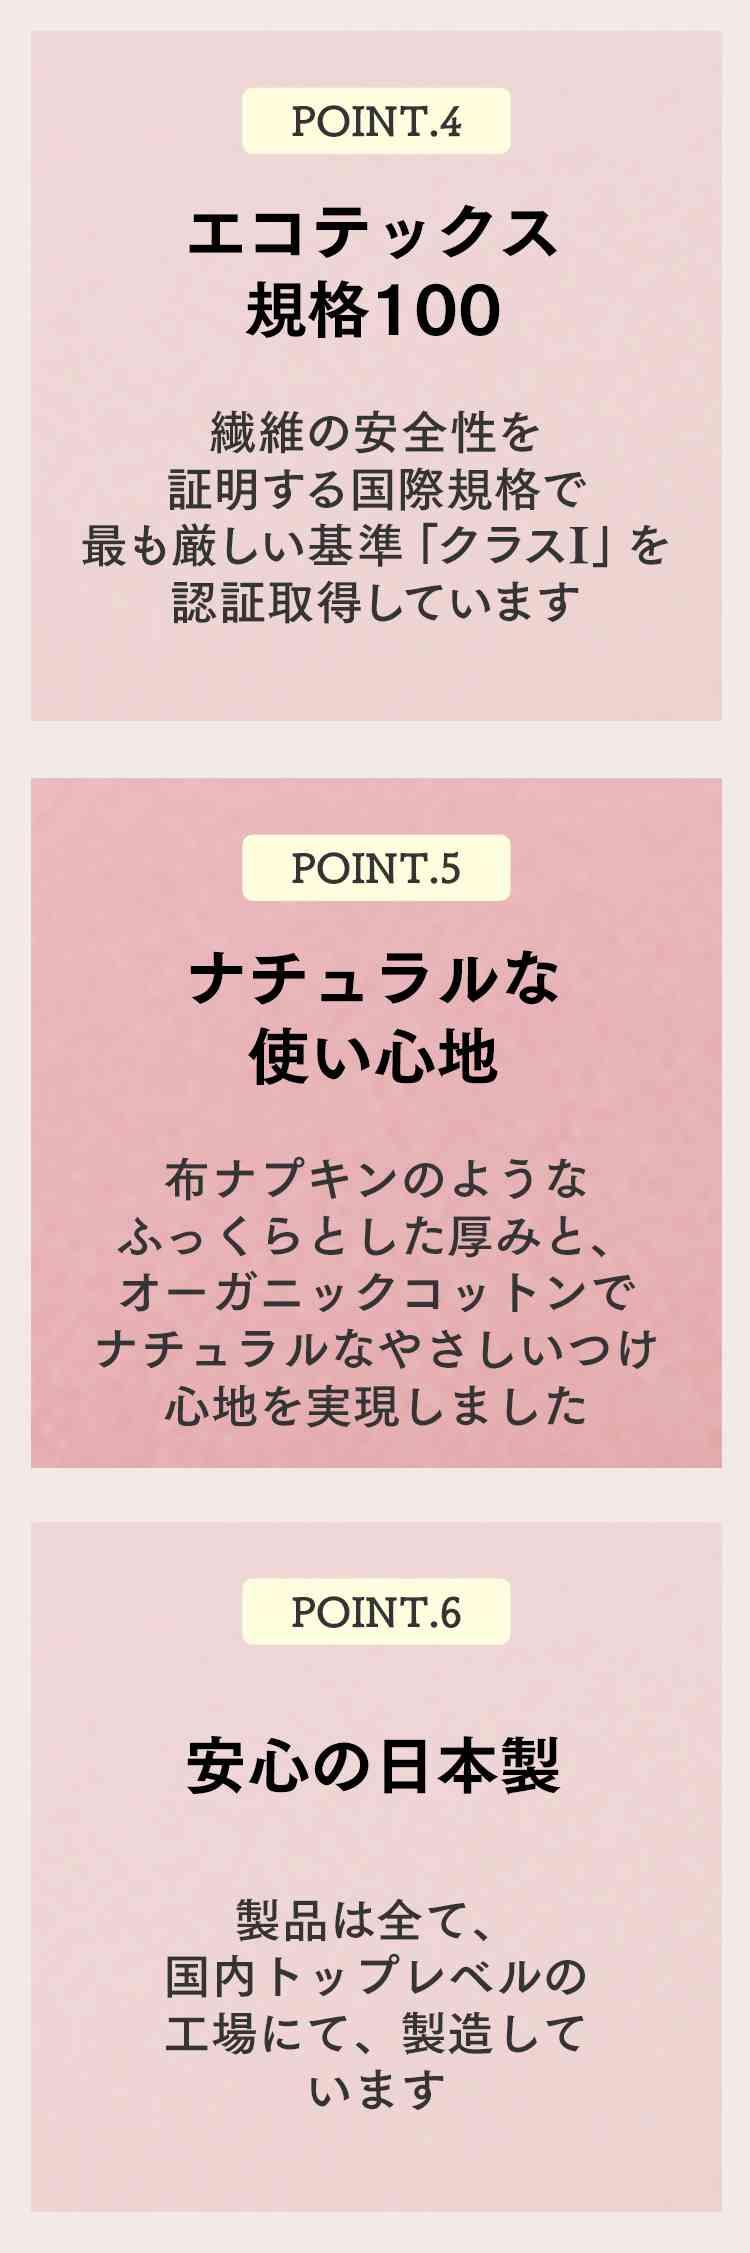 point.4 エコテックス規格100 point.5 ナチュラルな使い心地 point.6 安心の日本製